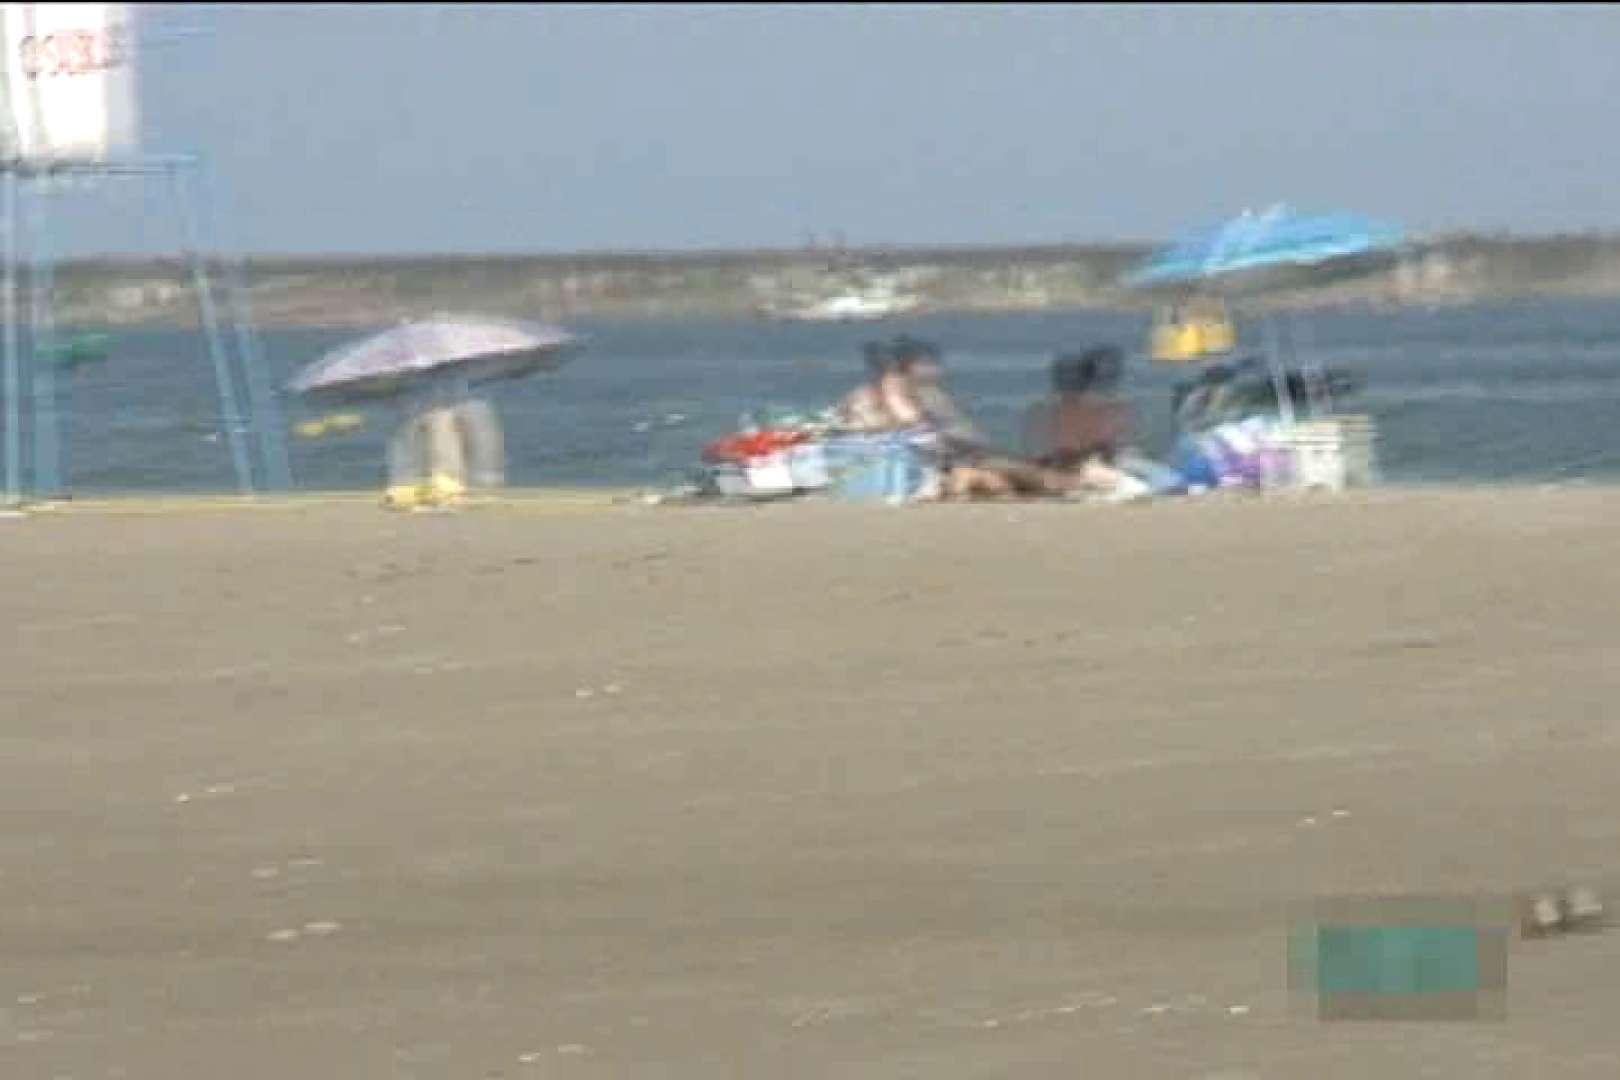 真夏のビーチは危険地帯Vol.3 水着娘 ワレメ無修正動画無料 79連発 19